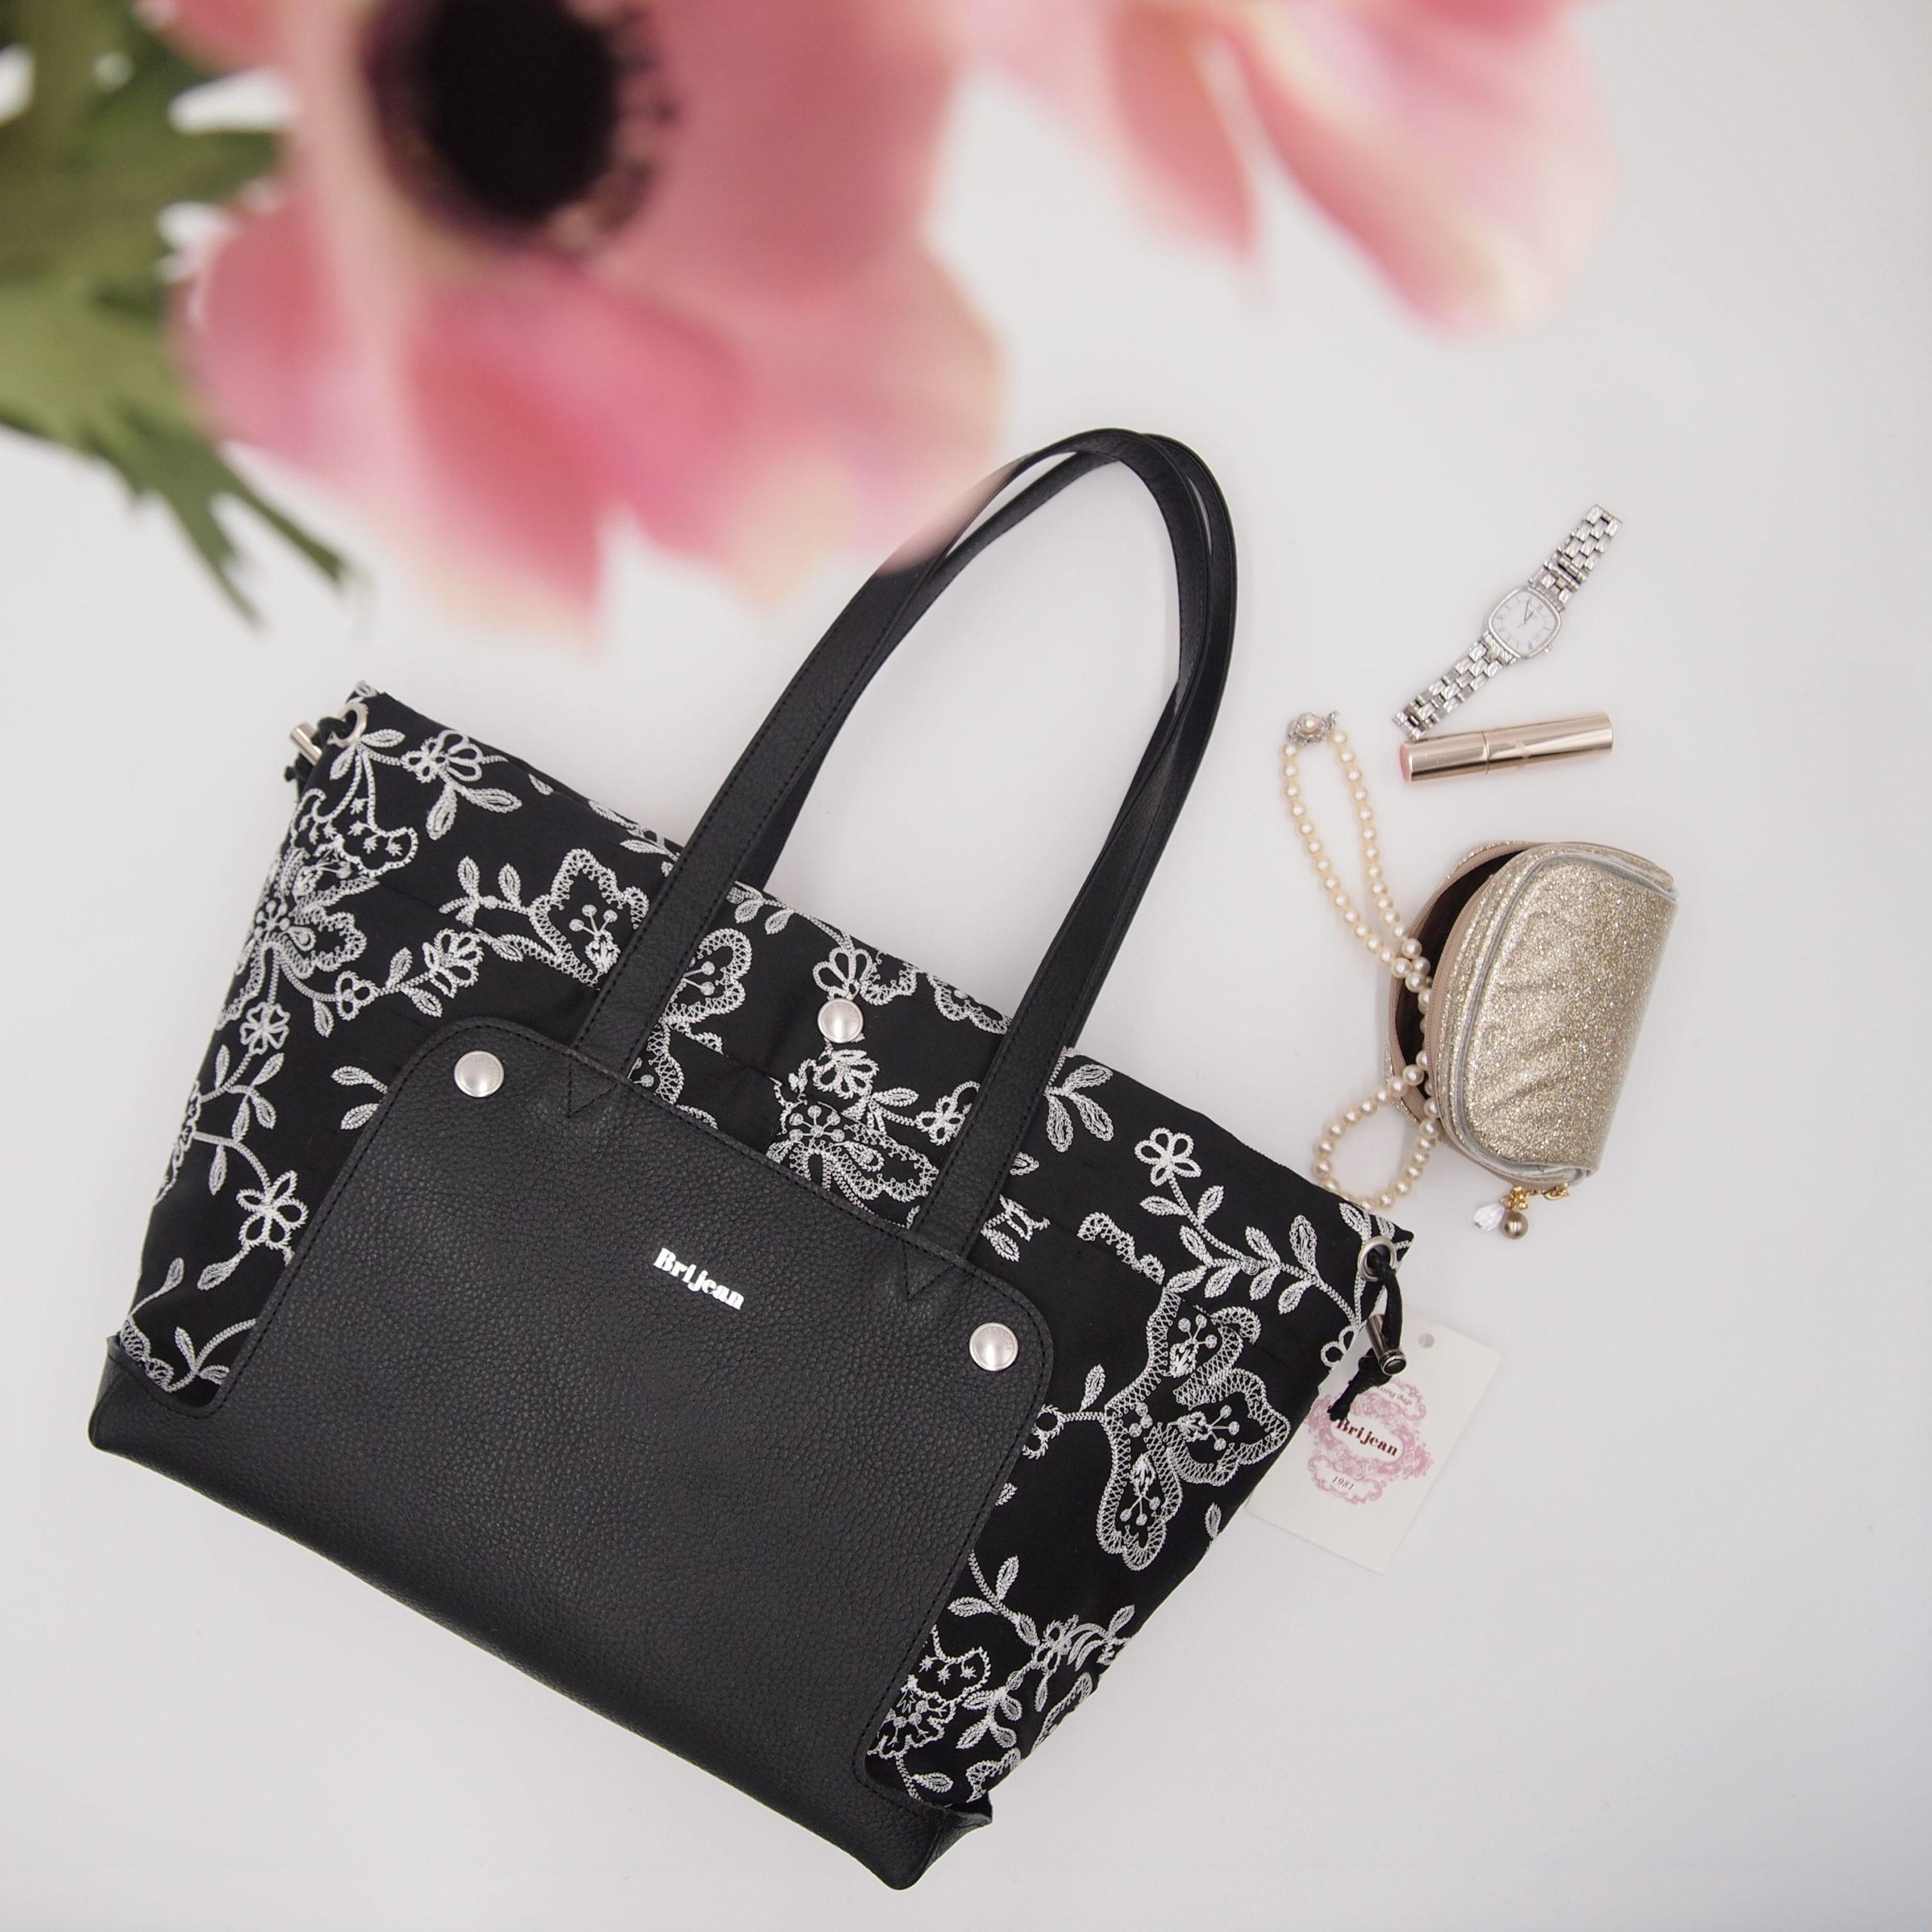 黒地の刺繍生地を使用したトートバッグ型きれいめ着せ替えバッグ